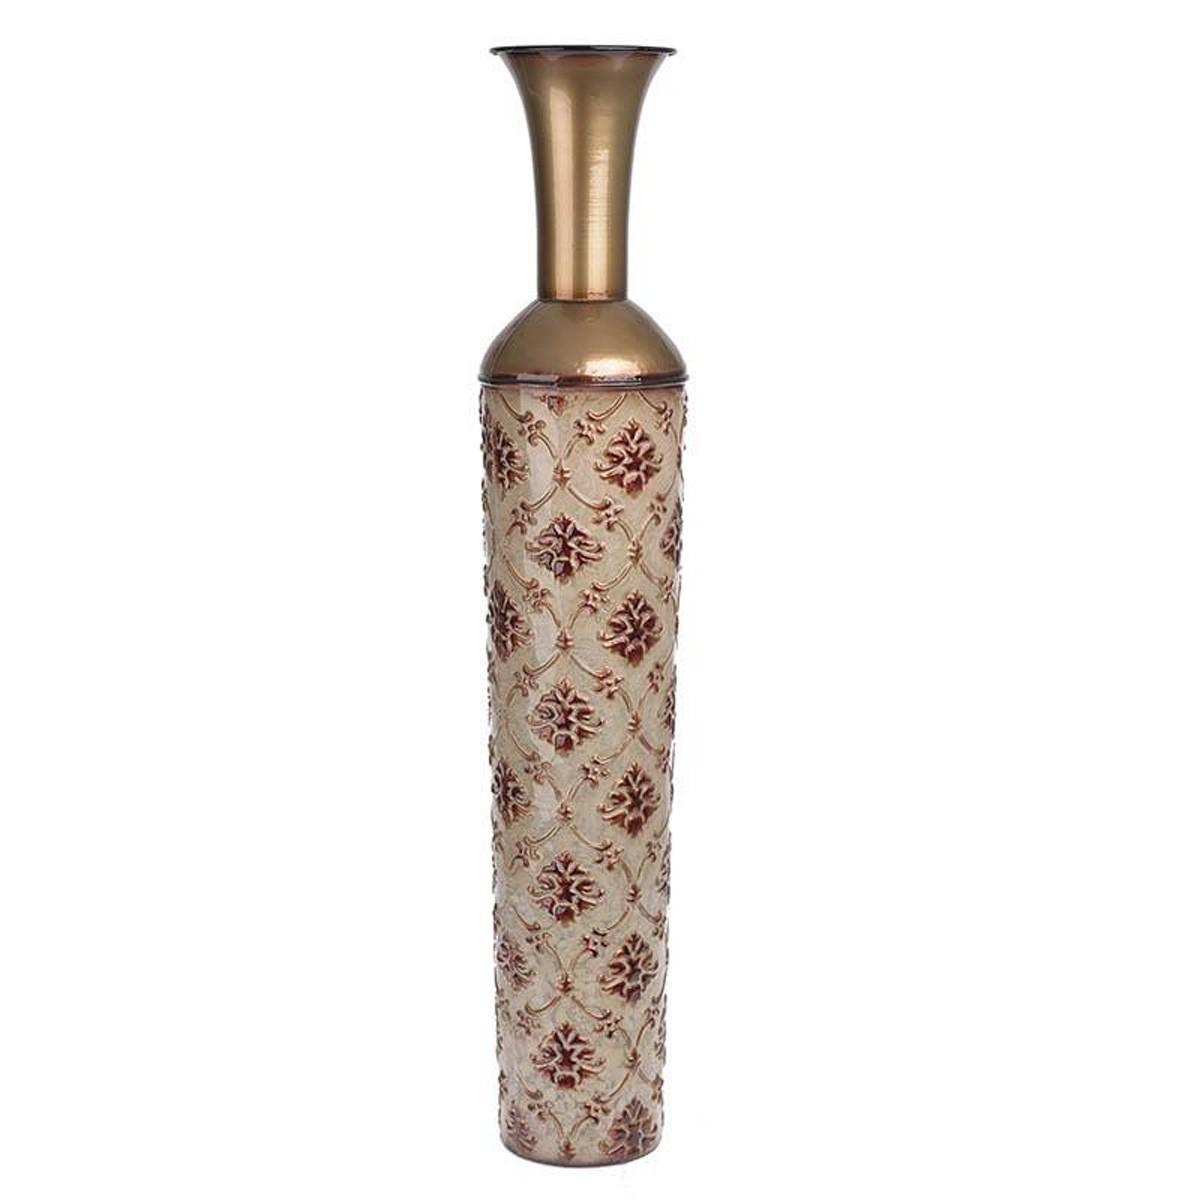 Διακοσμητικό Βάζο InArt Rusicrucian Large 3-70-447-0040